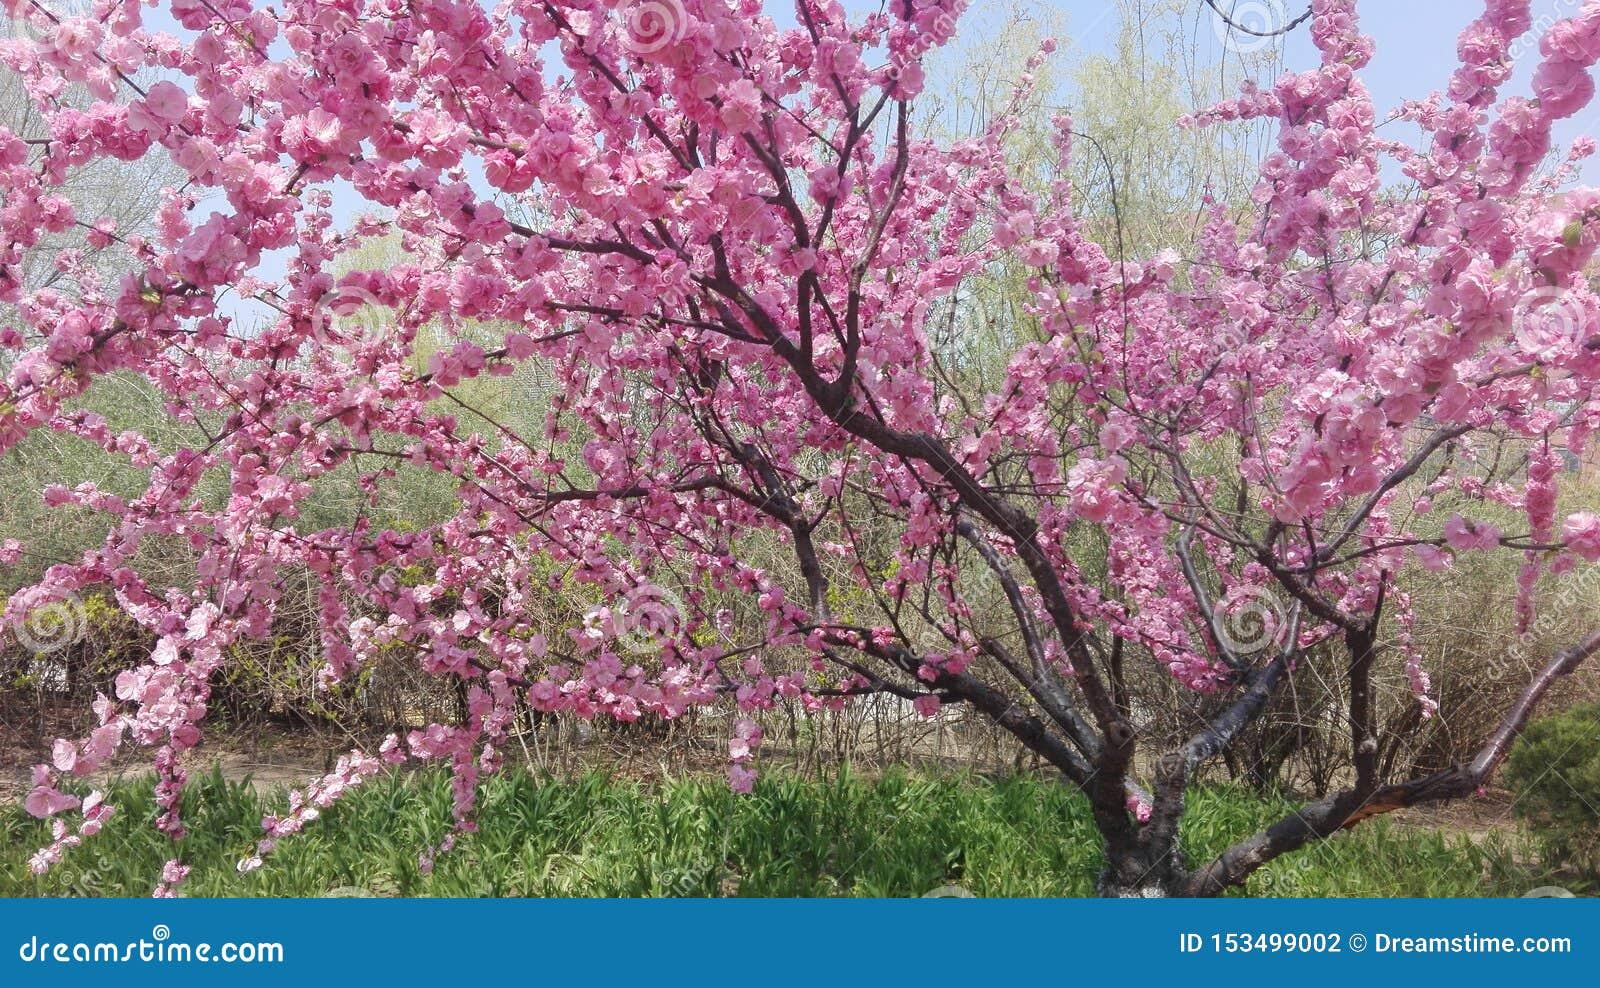 Bel arbre rose de fleurs de cerisier en sa pleine floraison au printemps